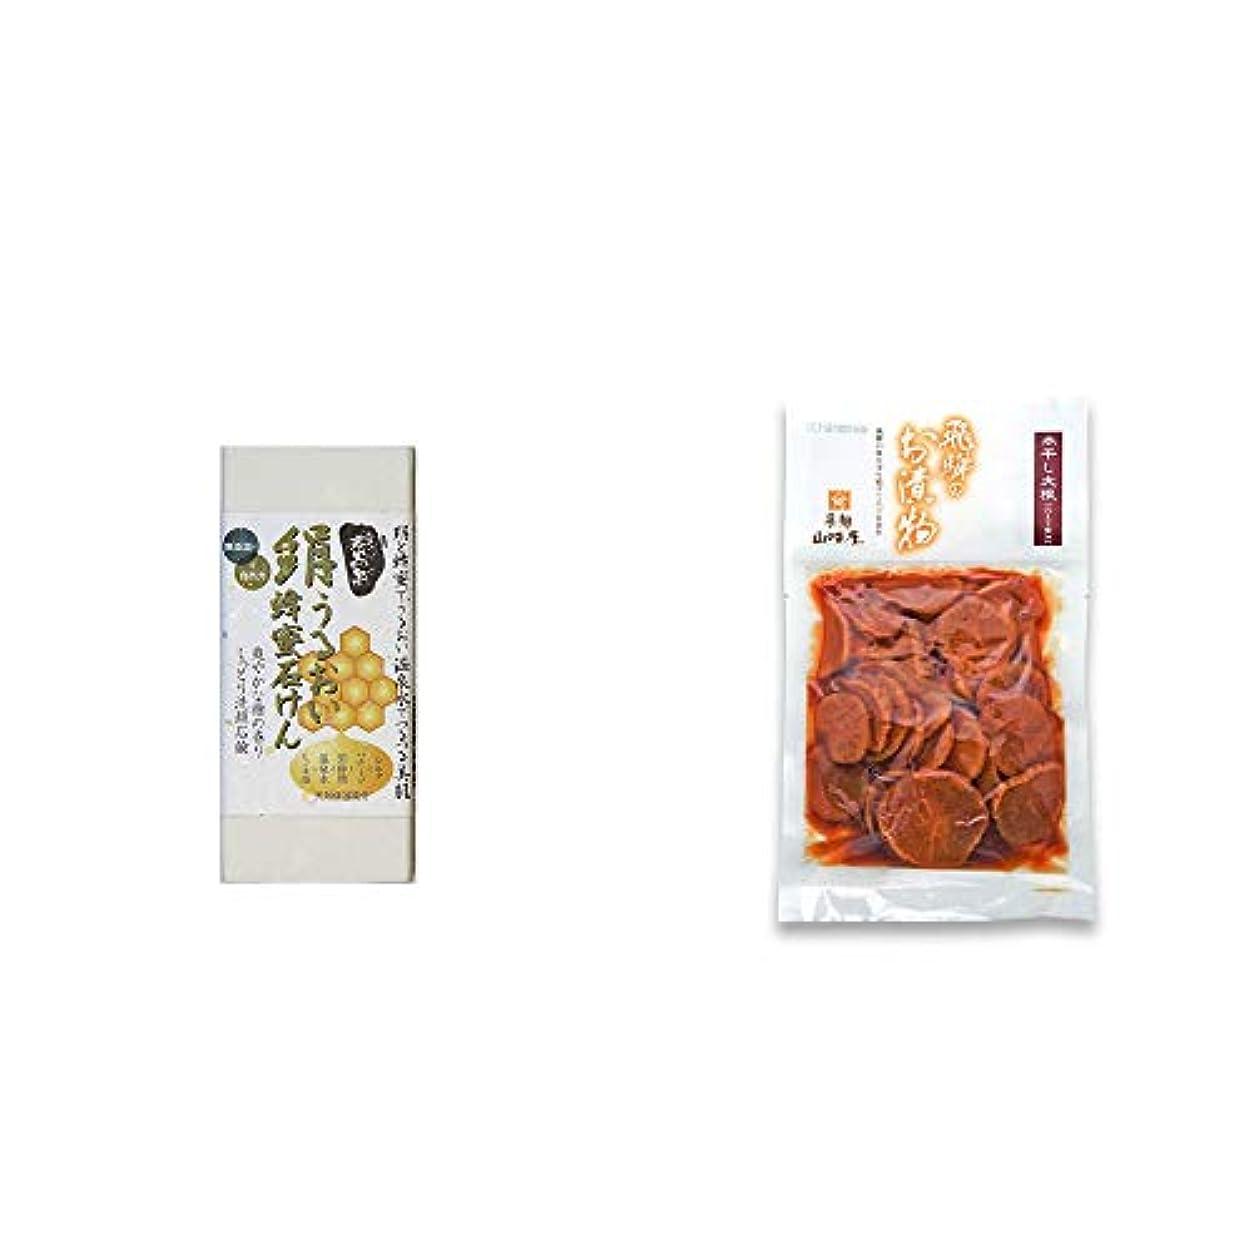 上院ピルファーコンパニオン[2点セット] ひのき炭黒泉 絹うるおい蜂蜜石けん(75g×2)?飛騨山味屋 本干し大根(135g)